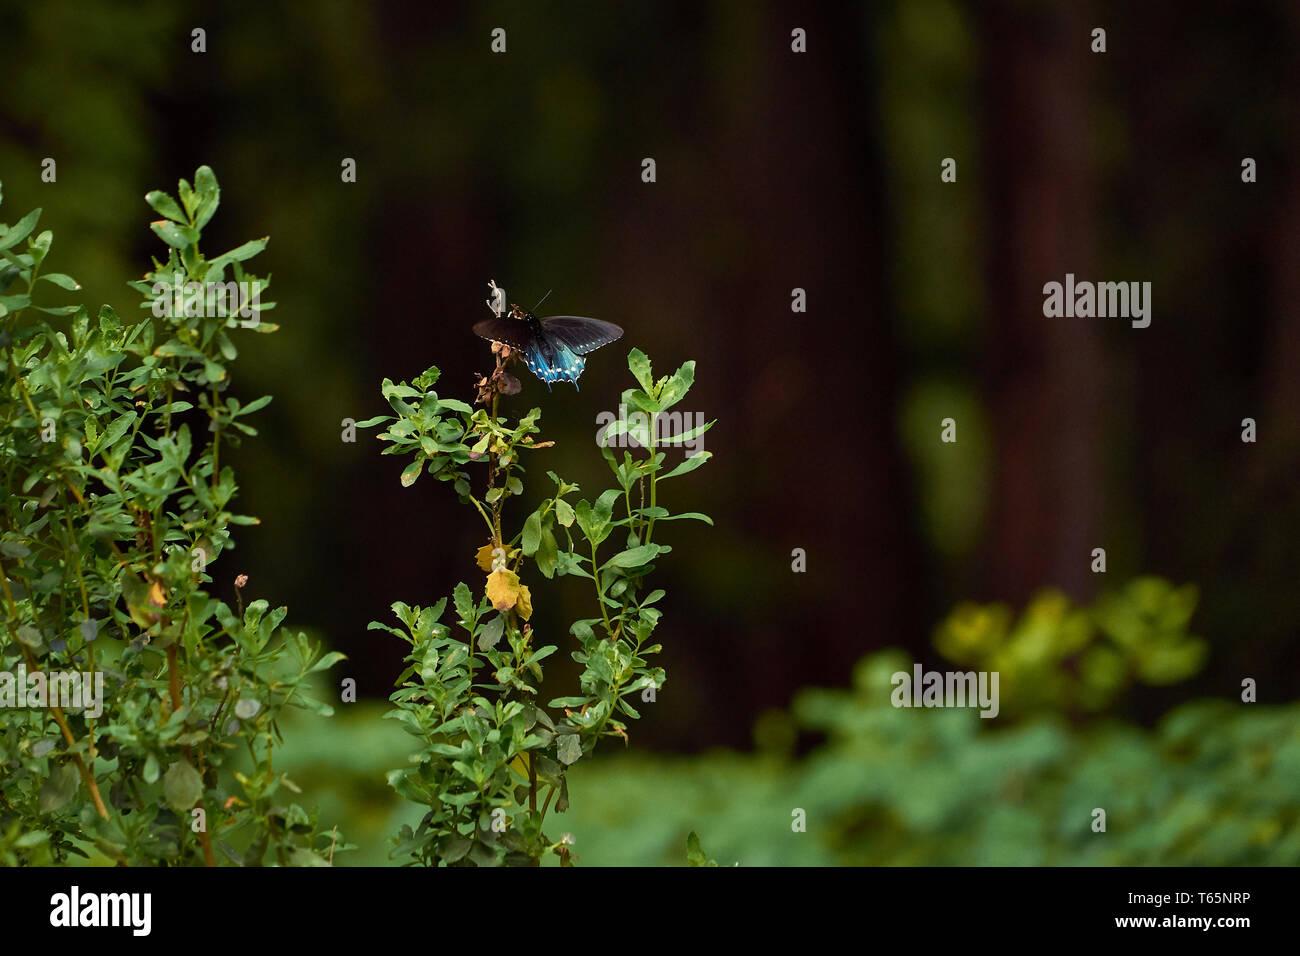 Una especie spicebush mariposa sobre un arbusto verde en el bosque de secoyas en el Jack London State Historic Park, en Glen Ellen de California. Foto de stock